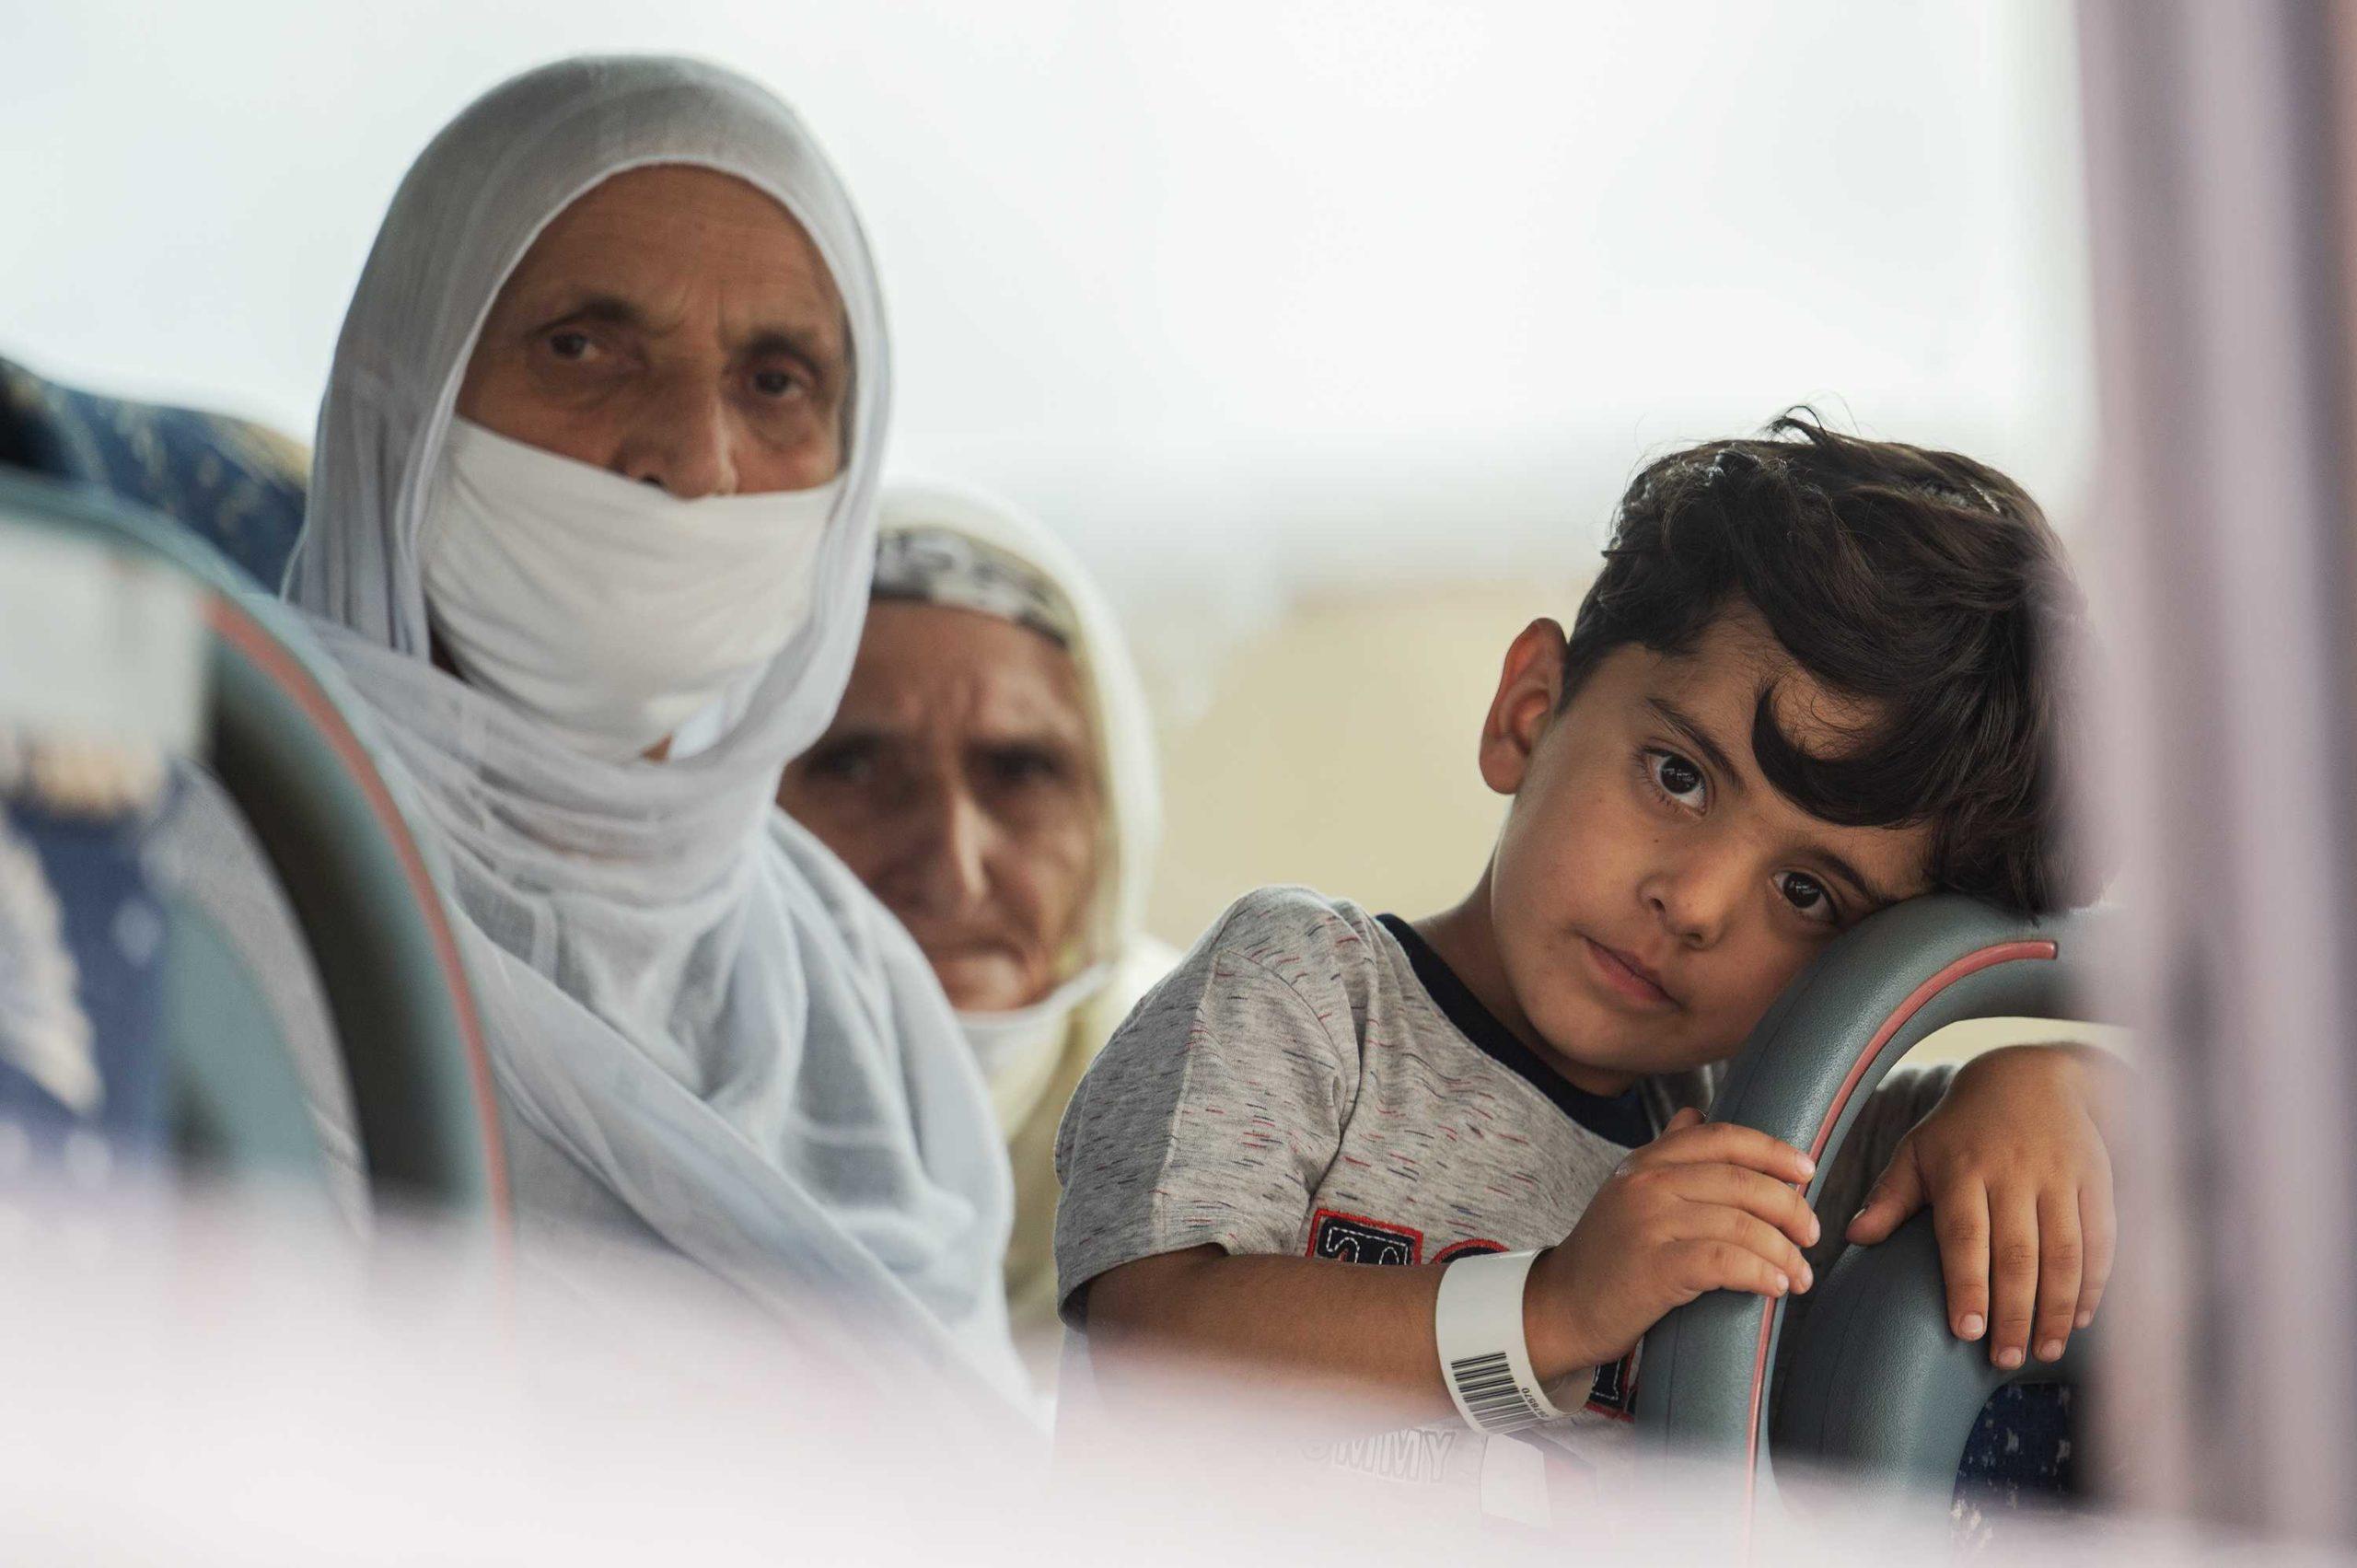 gettyimages 1234840938 scaled - <b>Світ на порозі нової міграційної кризи через захоплення Афганістану талібами.</b> Вона не омине й Україну - Заборона